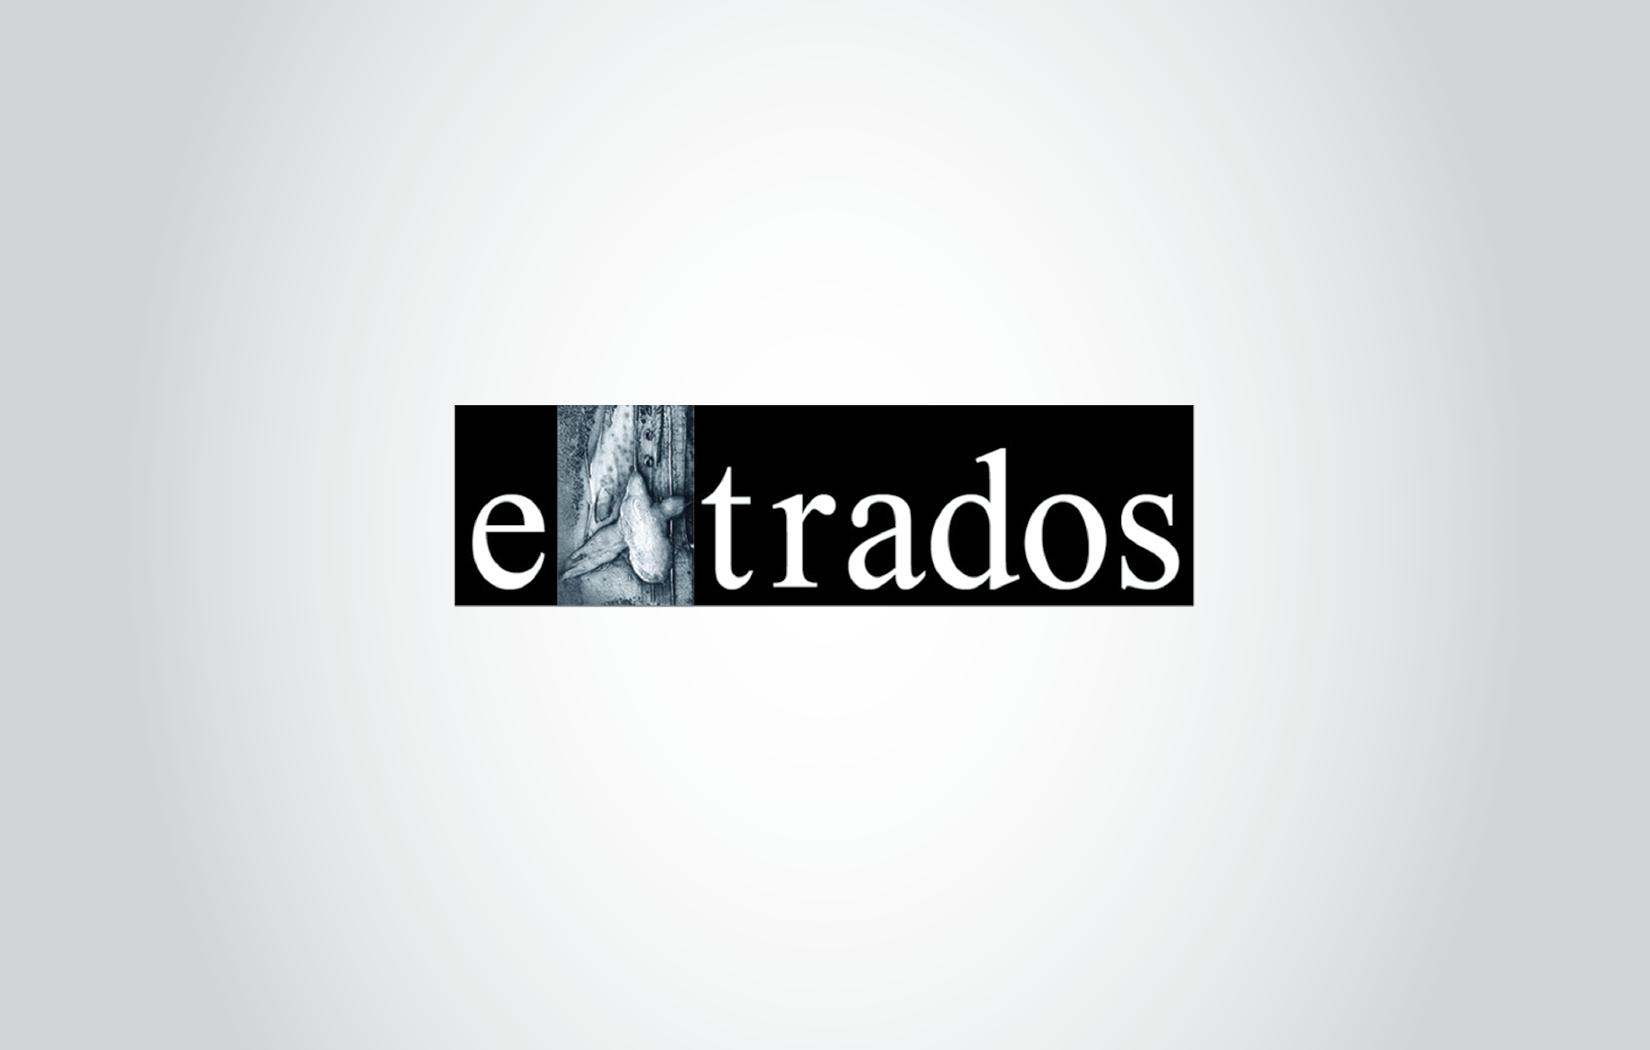 Extrados